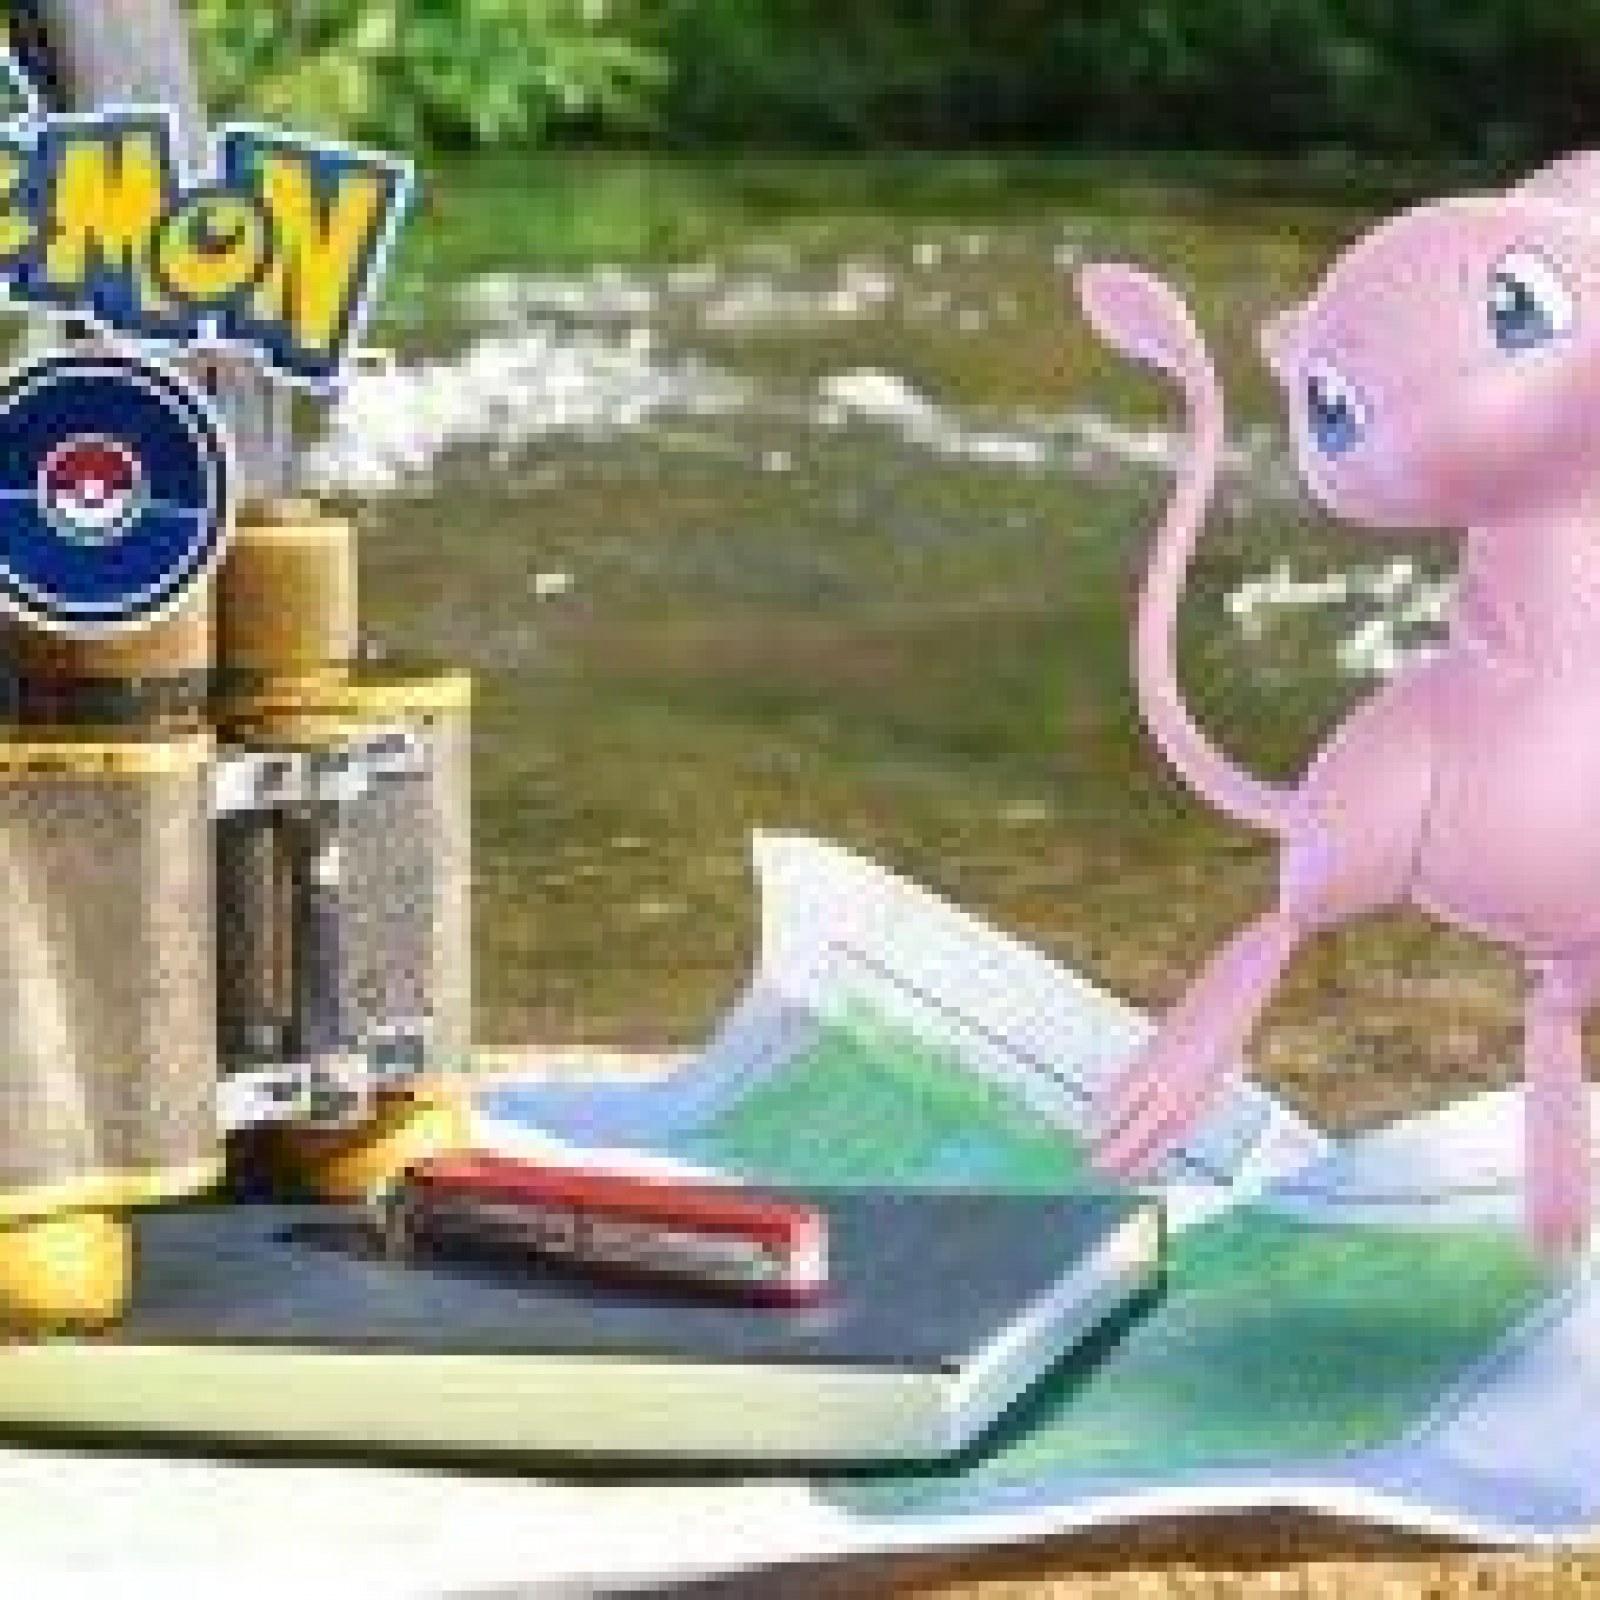 Pokémon Go' Update: How to Catch Shiny Mew, Field Research